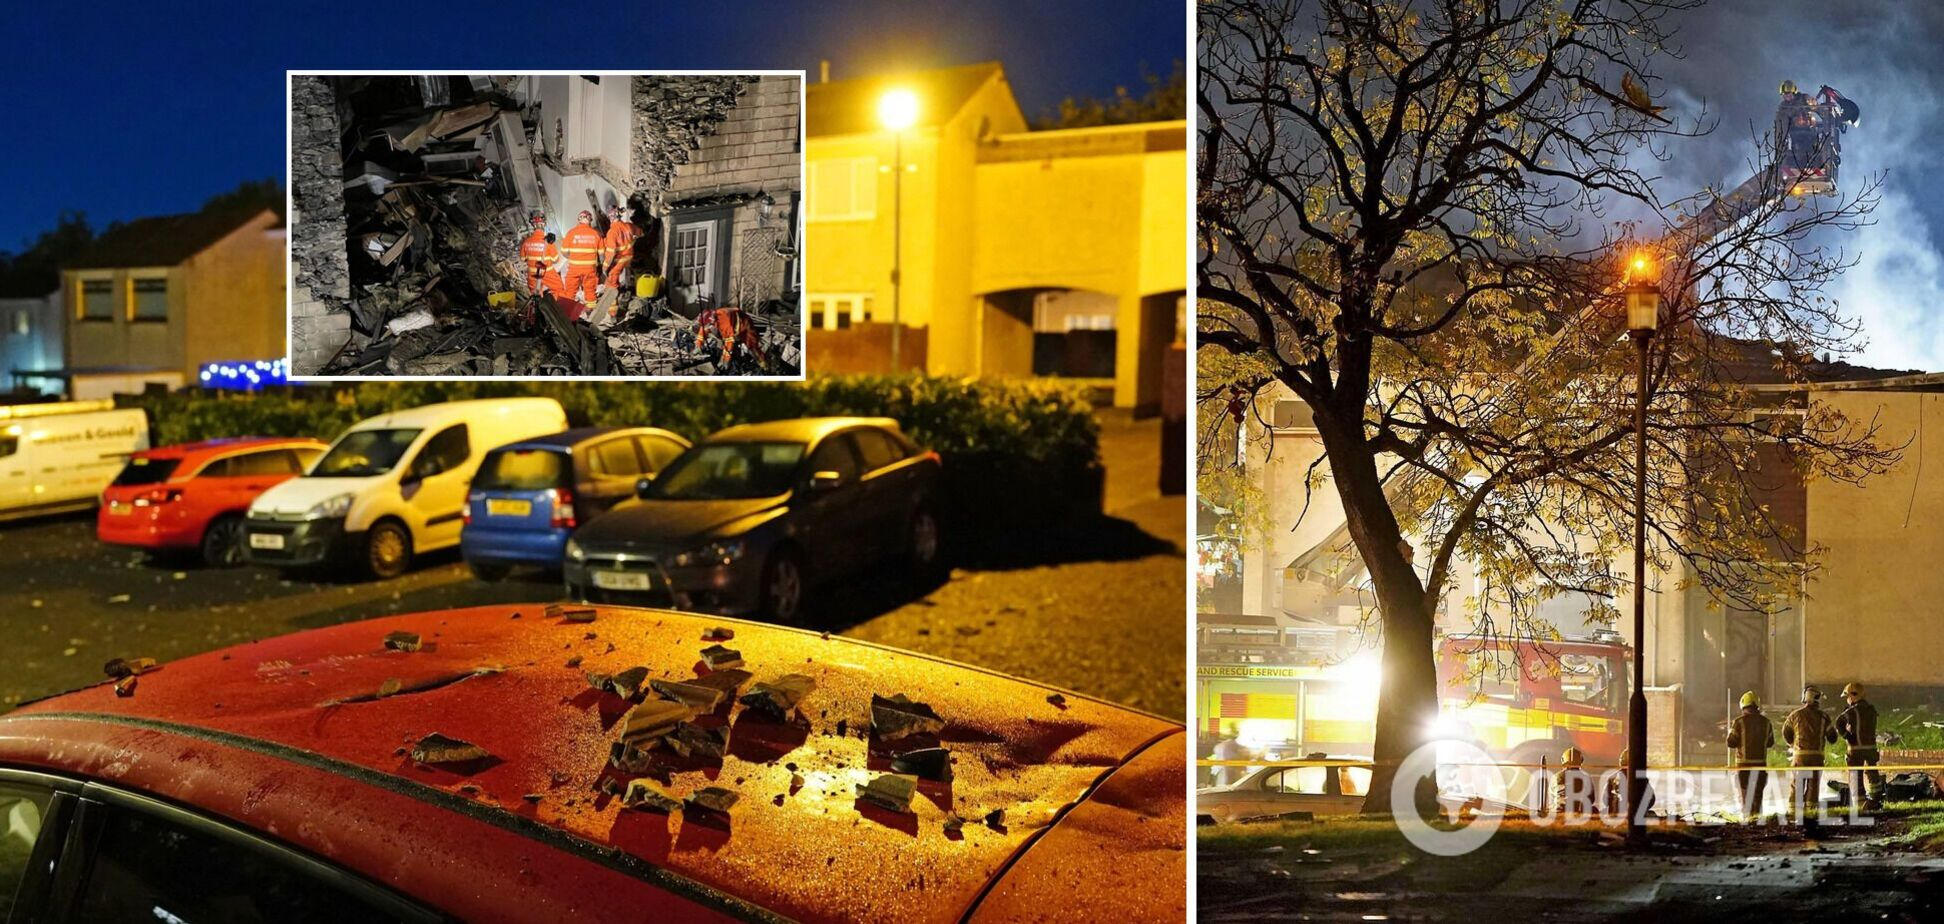 У Шотландії потужний вибух зруйнував будинок, серед постраждалих – діти. Фото і відео